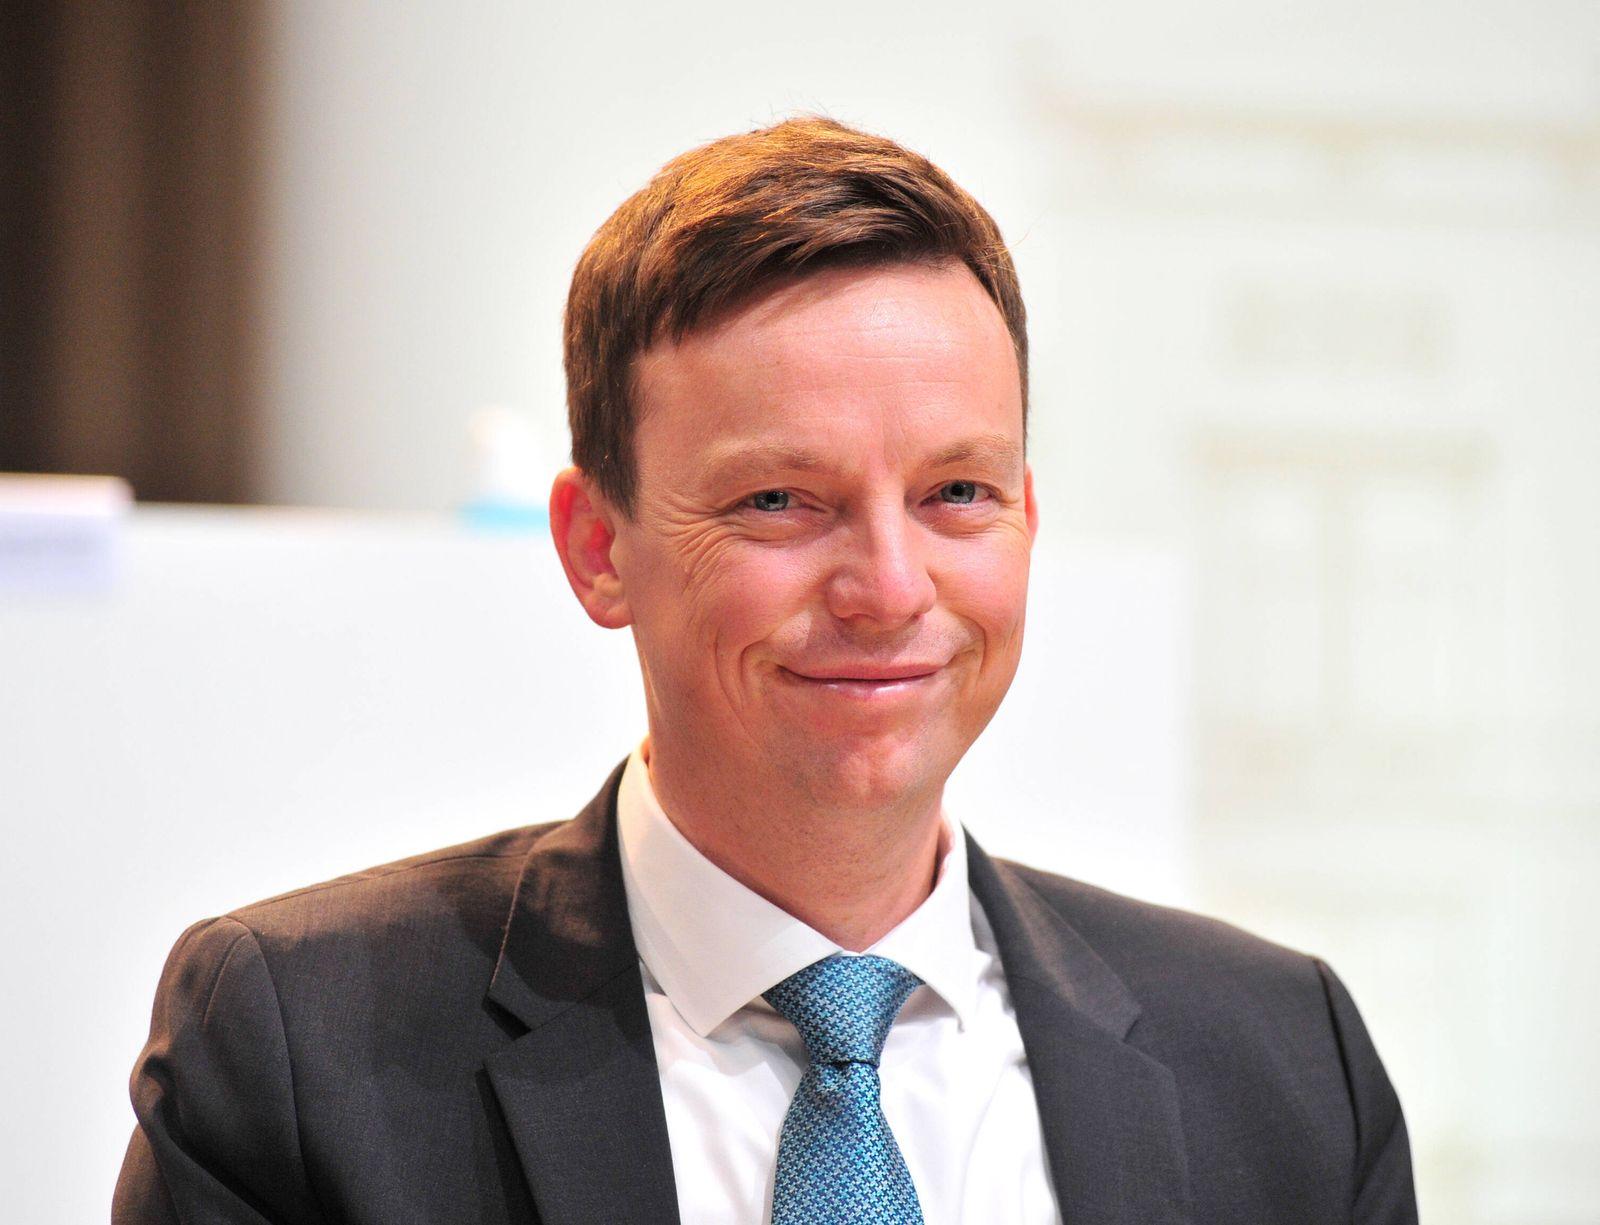 Plenarsitzung des Saarländischen Landtages am Mittwoch (07.10.2020) in Saarbrücken. Im Bild: Ministerpräsident Tobias H